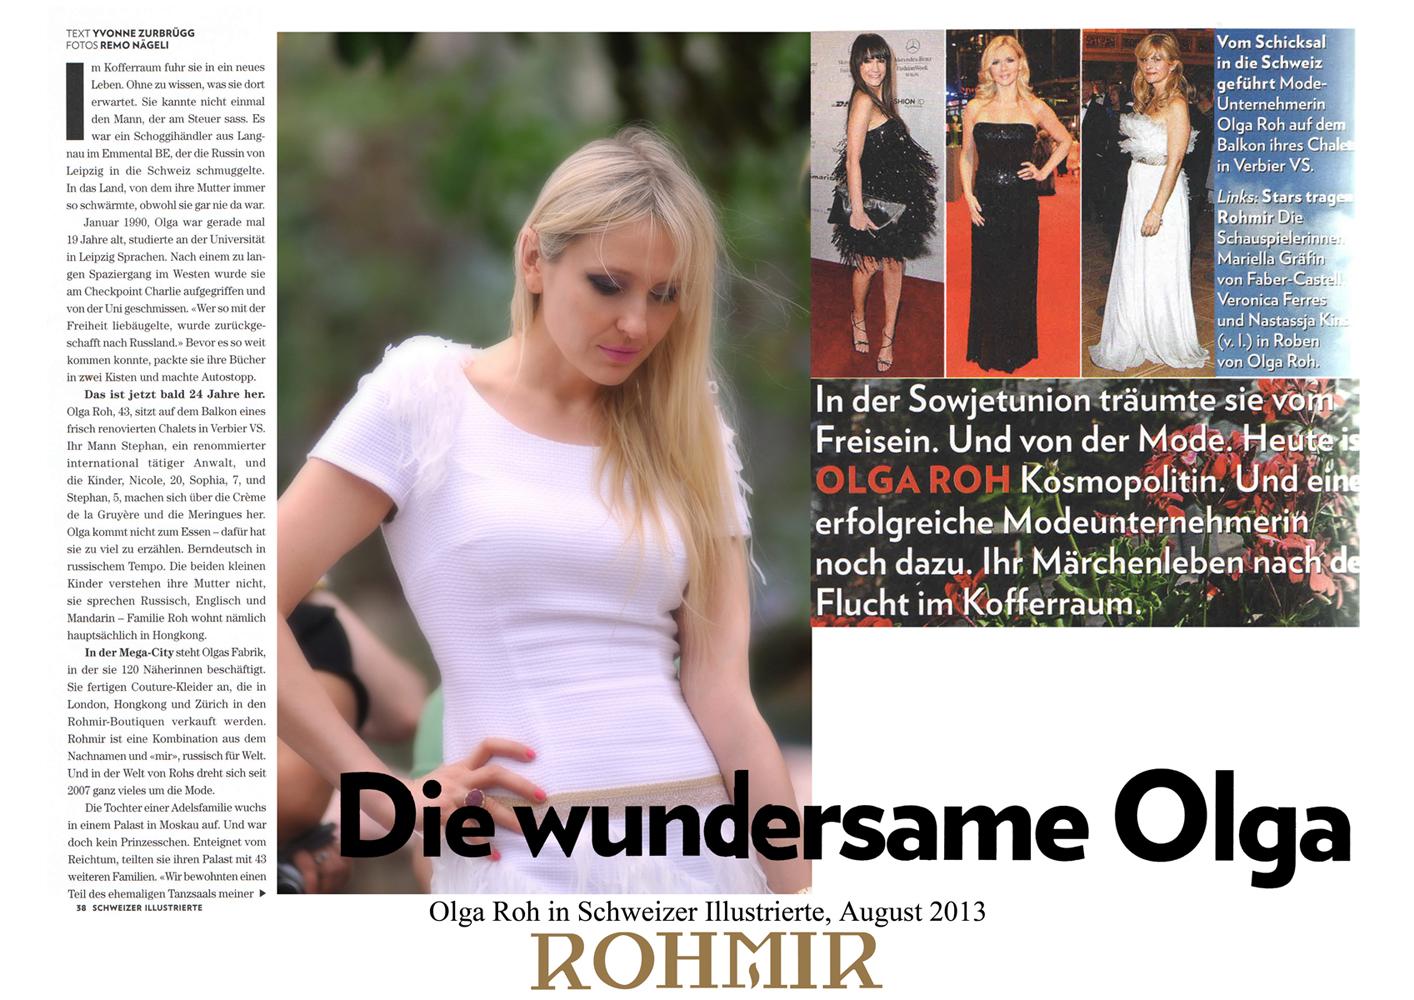 Olga Roh in Schweizer Illustrierte, August 2013